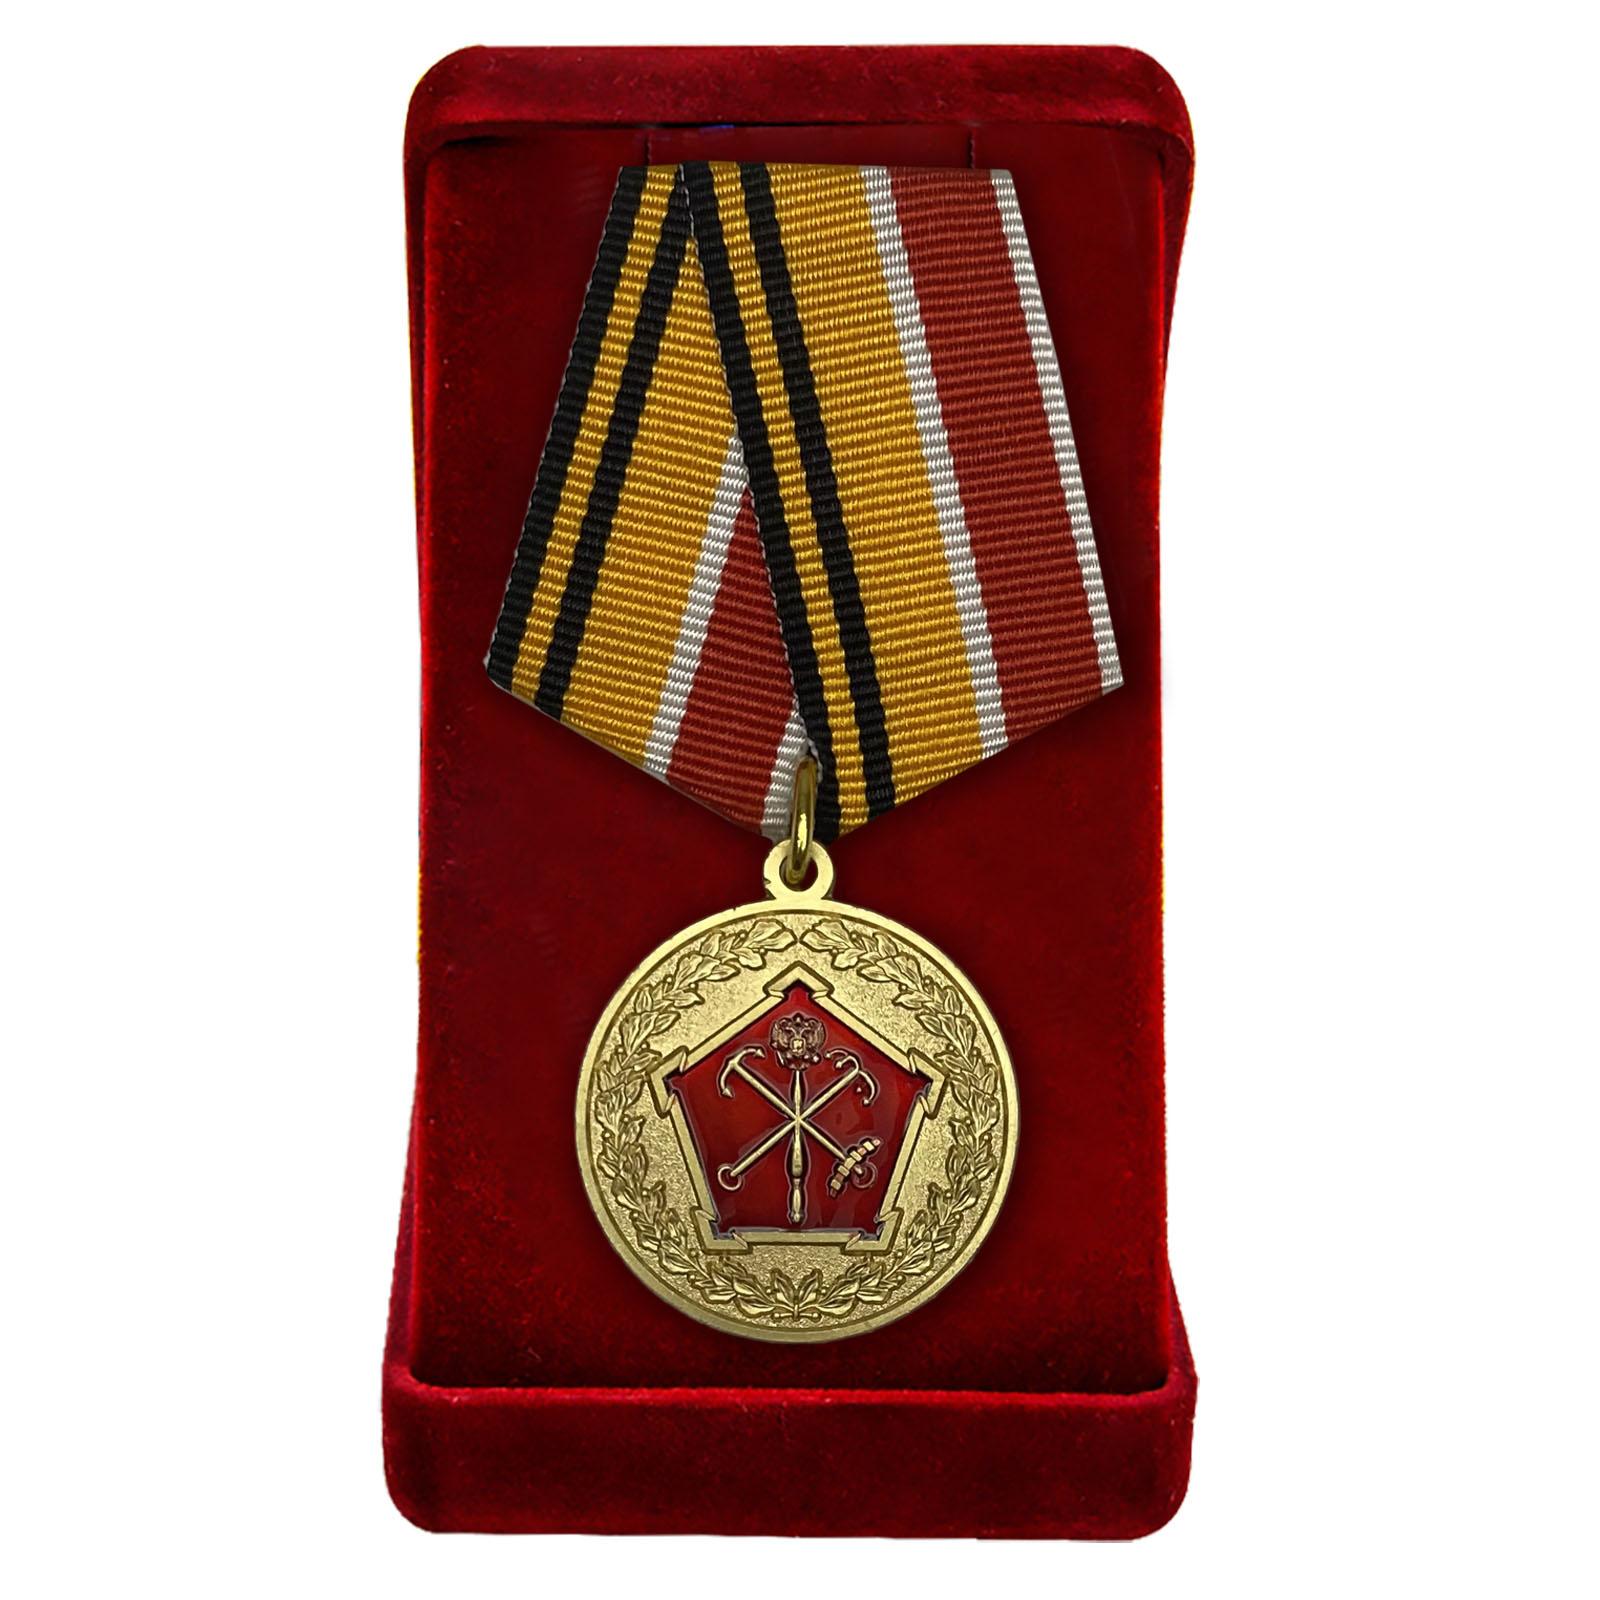 Купить юбилейную медаль 150 лет Западному военному округу в подарок